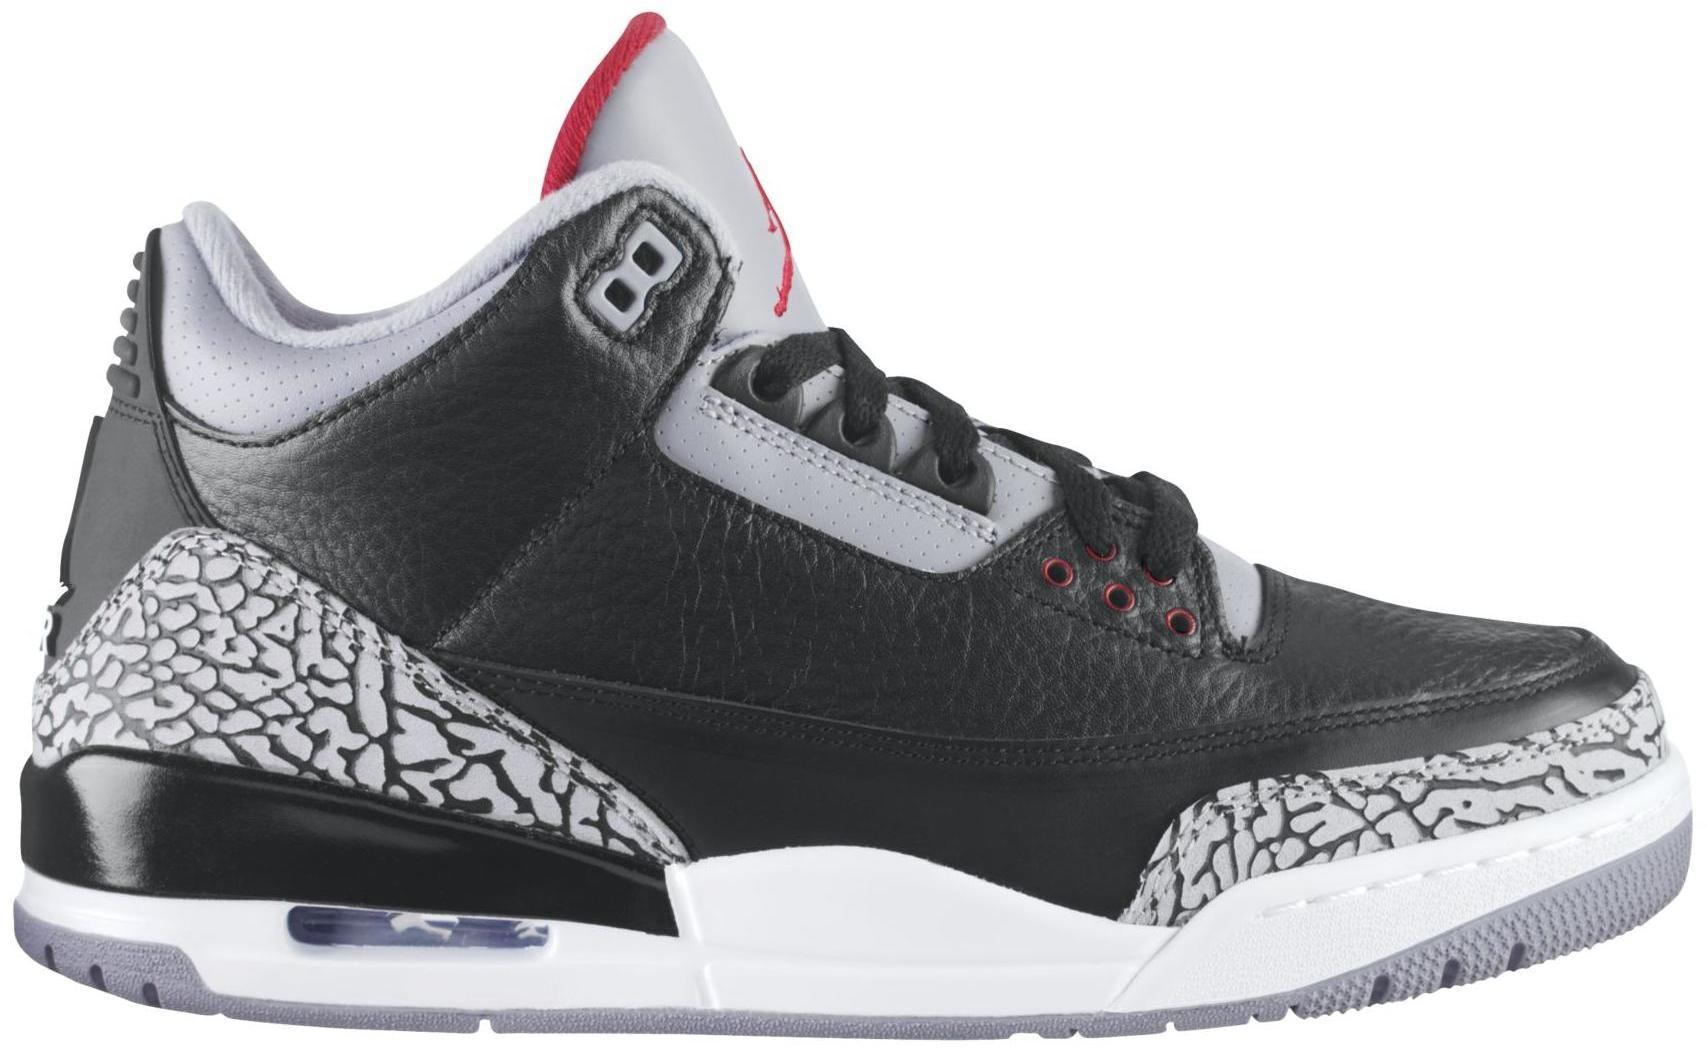 Jordan 3 Retro Black Cement (2011)